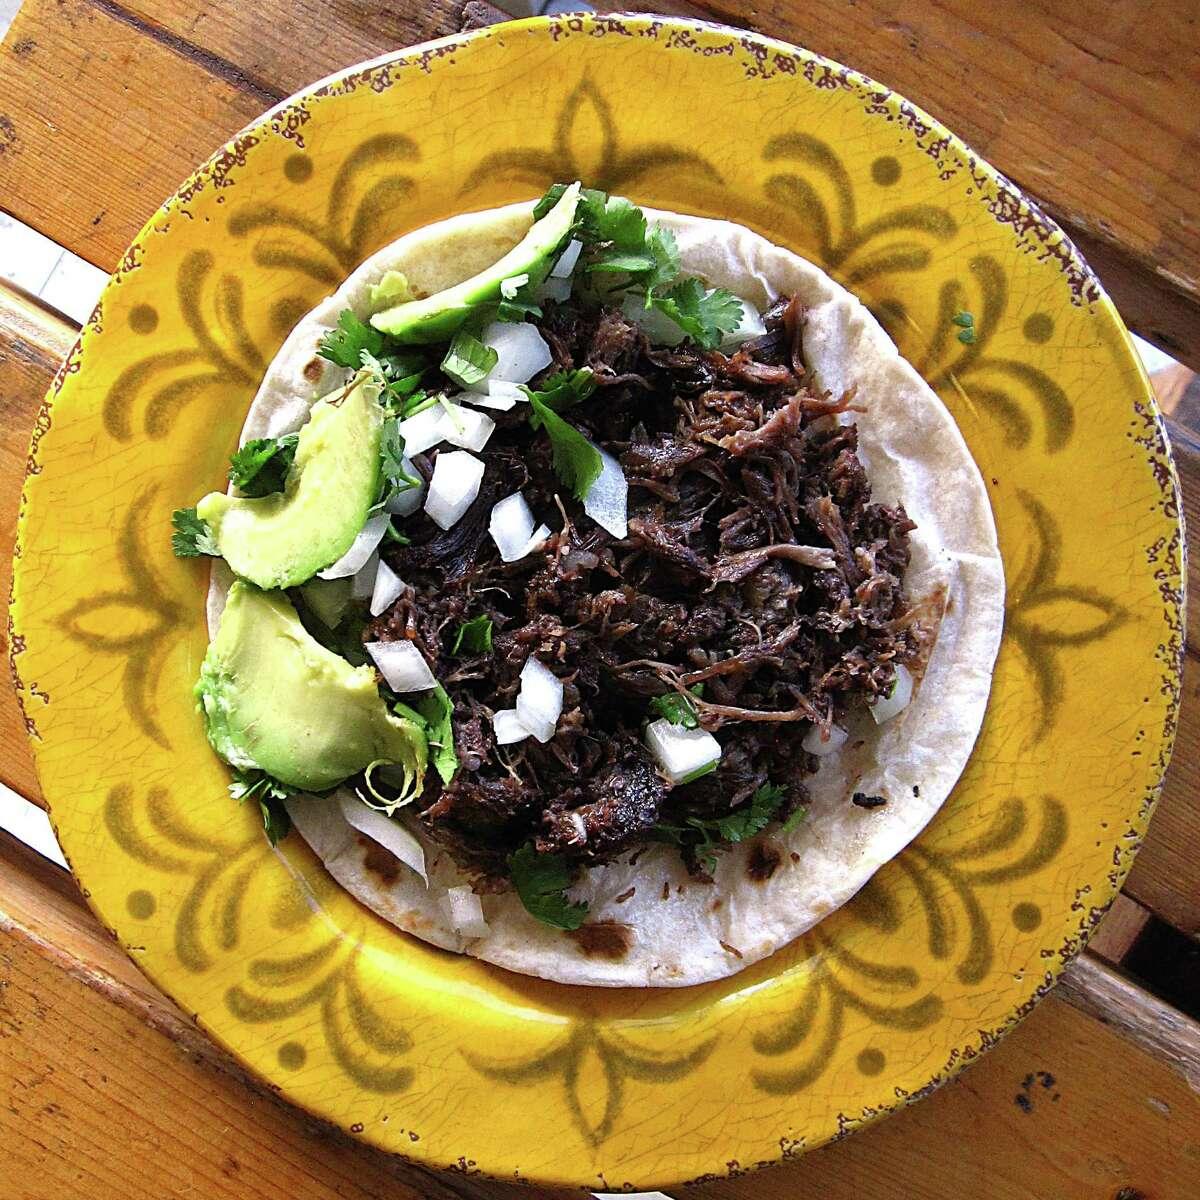 Barbacoa taco with onions, cilantro and avocado from Mimi's Barbacoa.